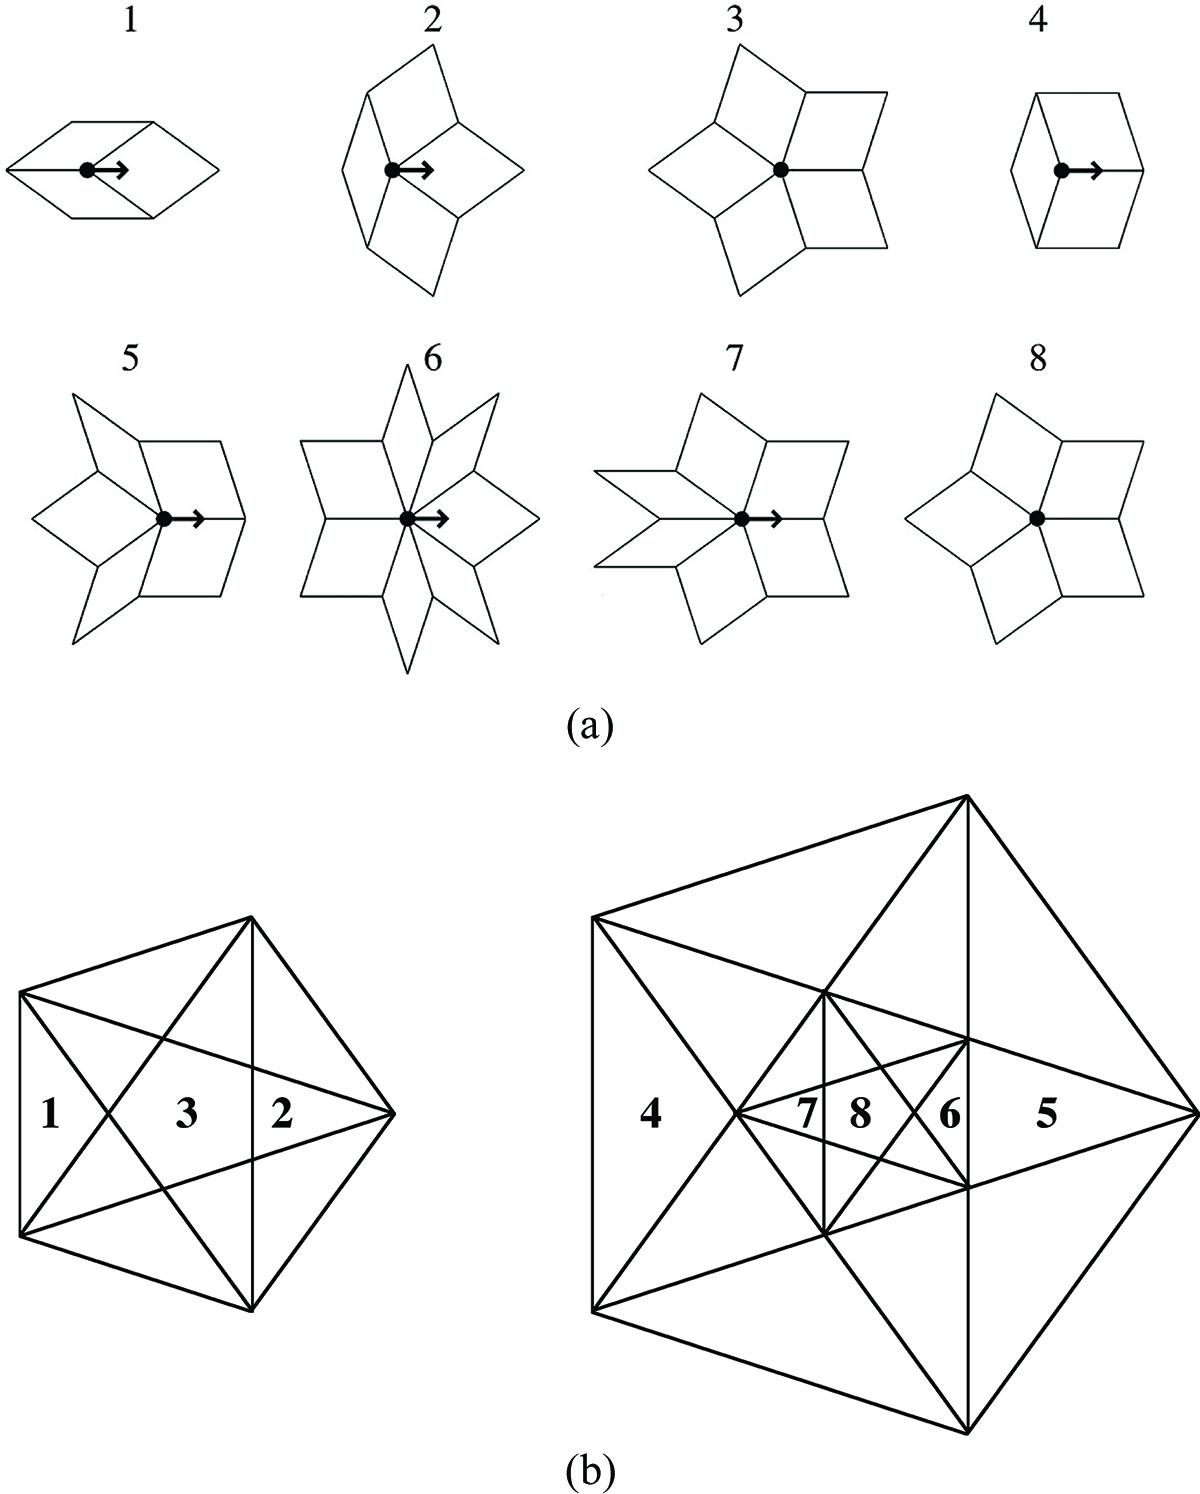 [Fig. 2 quasicrystals]